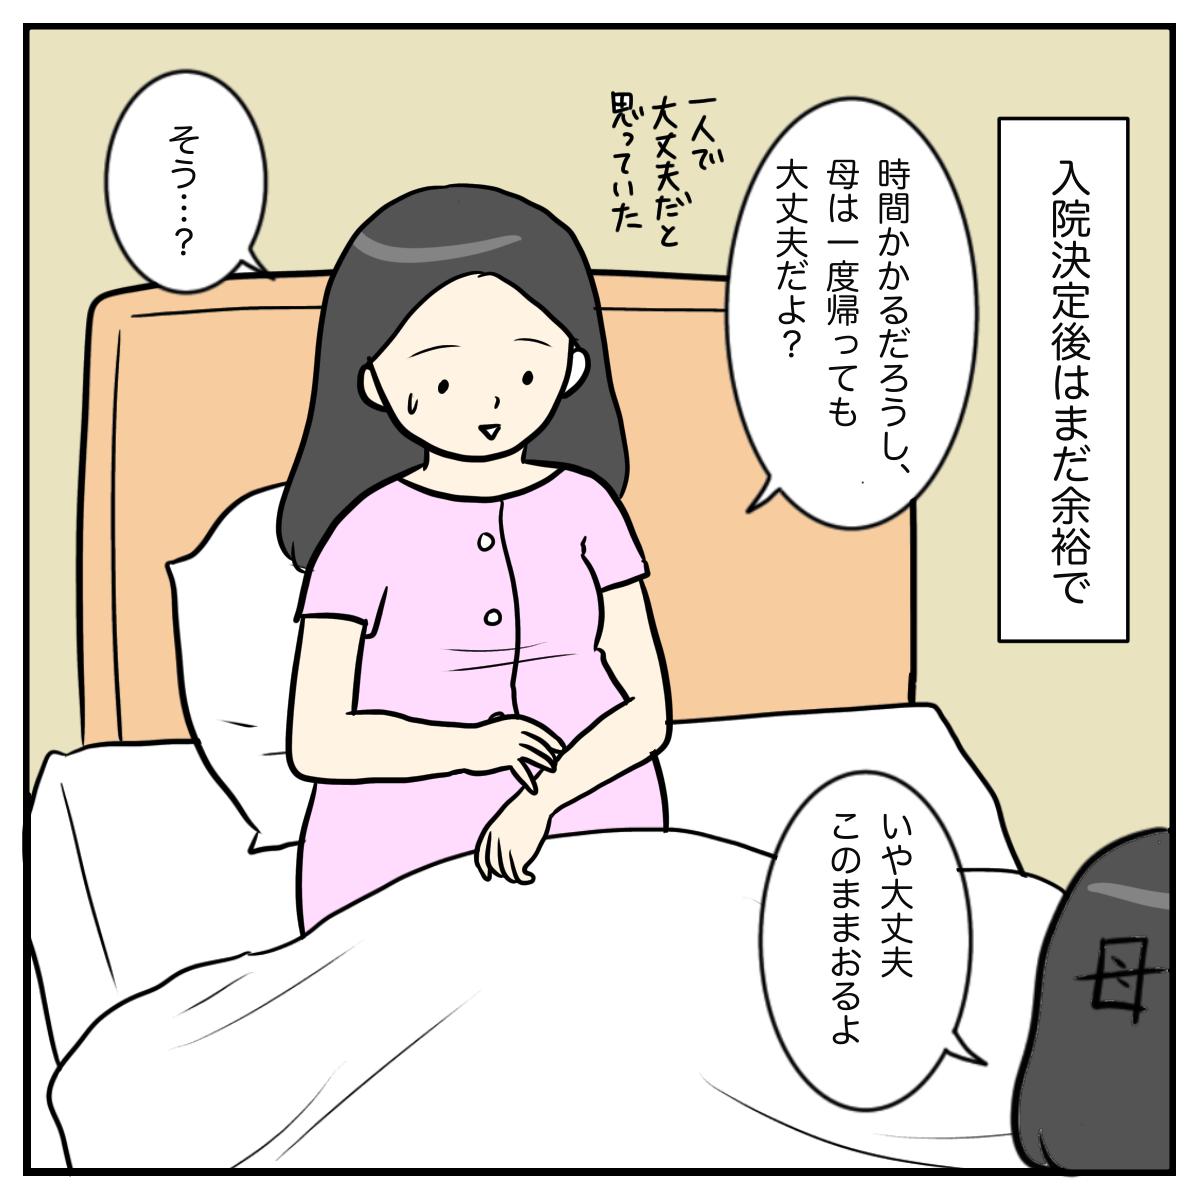 陣痛中にトラブル発生! 赤ちゃんの回旋異常って…?【出産のキロク Vol.4】